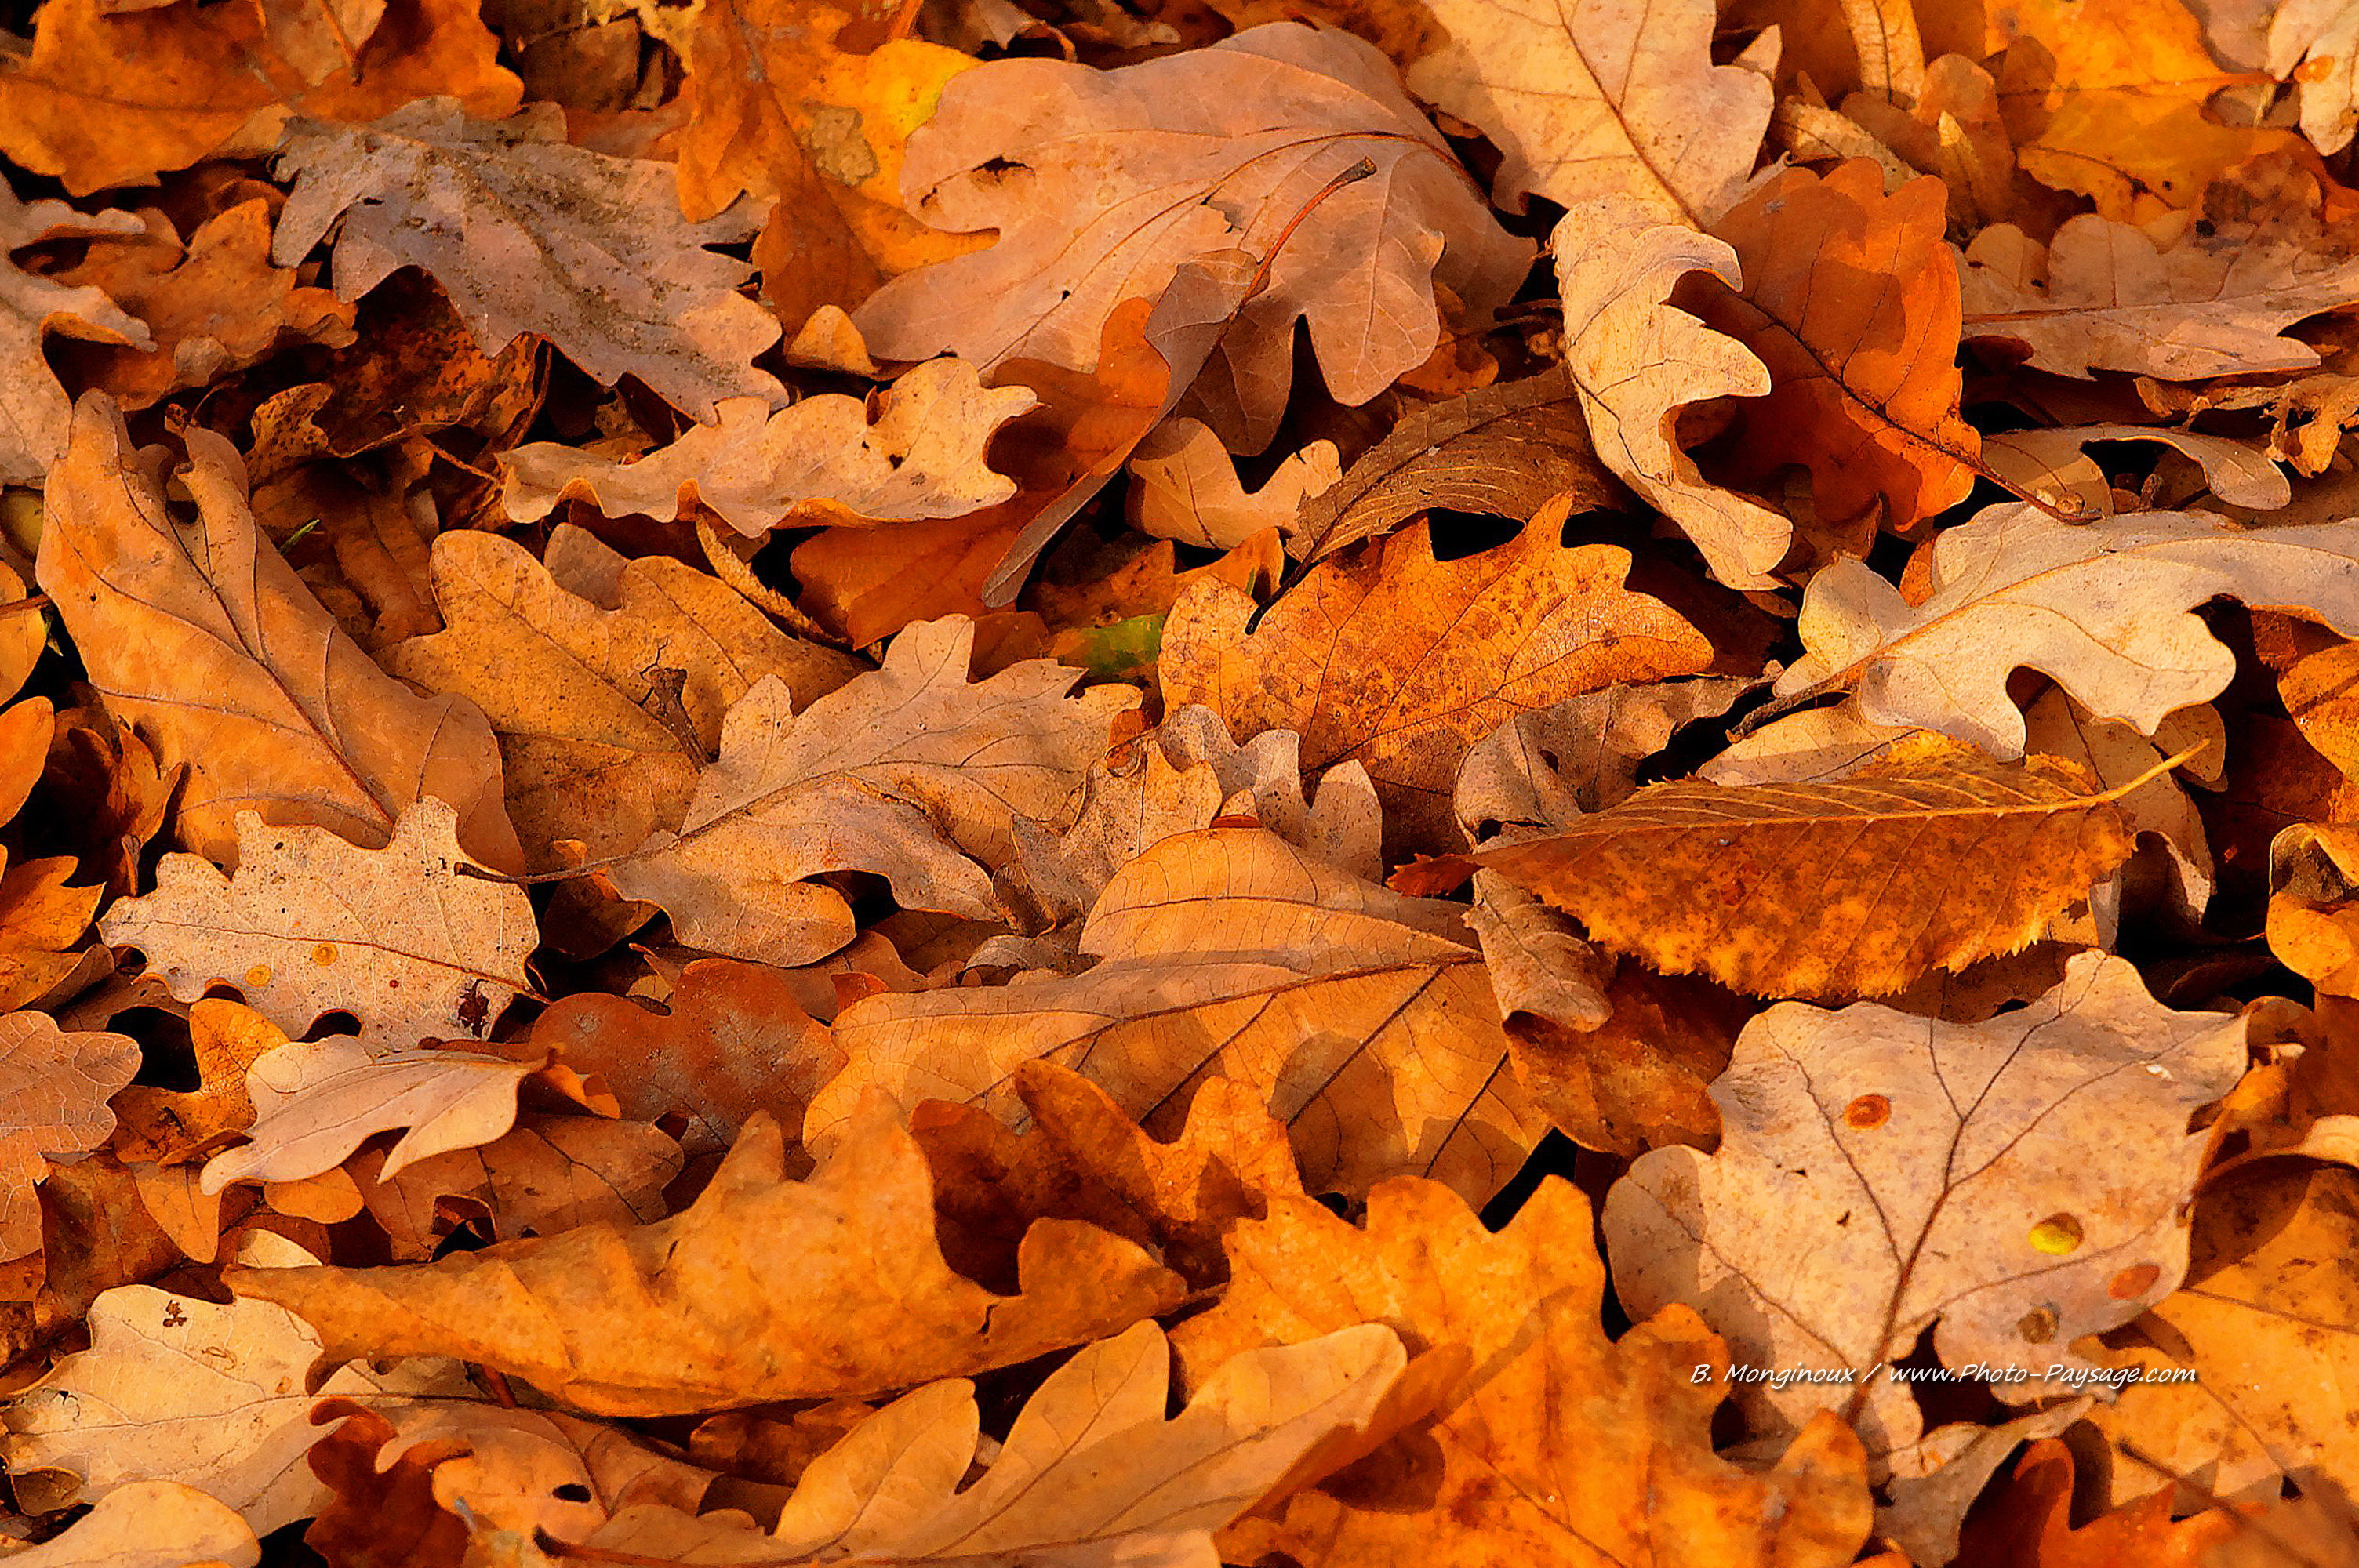 automne et feuilles mortes au pied d 39 un ch ne le blog de. Black Bedroom Furniture Sets. Home Design Ideas